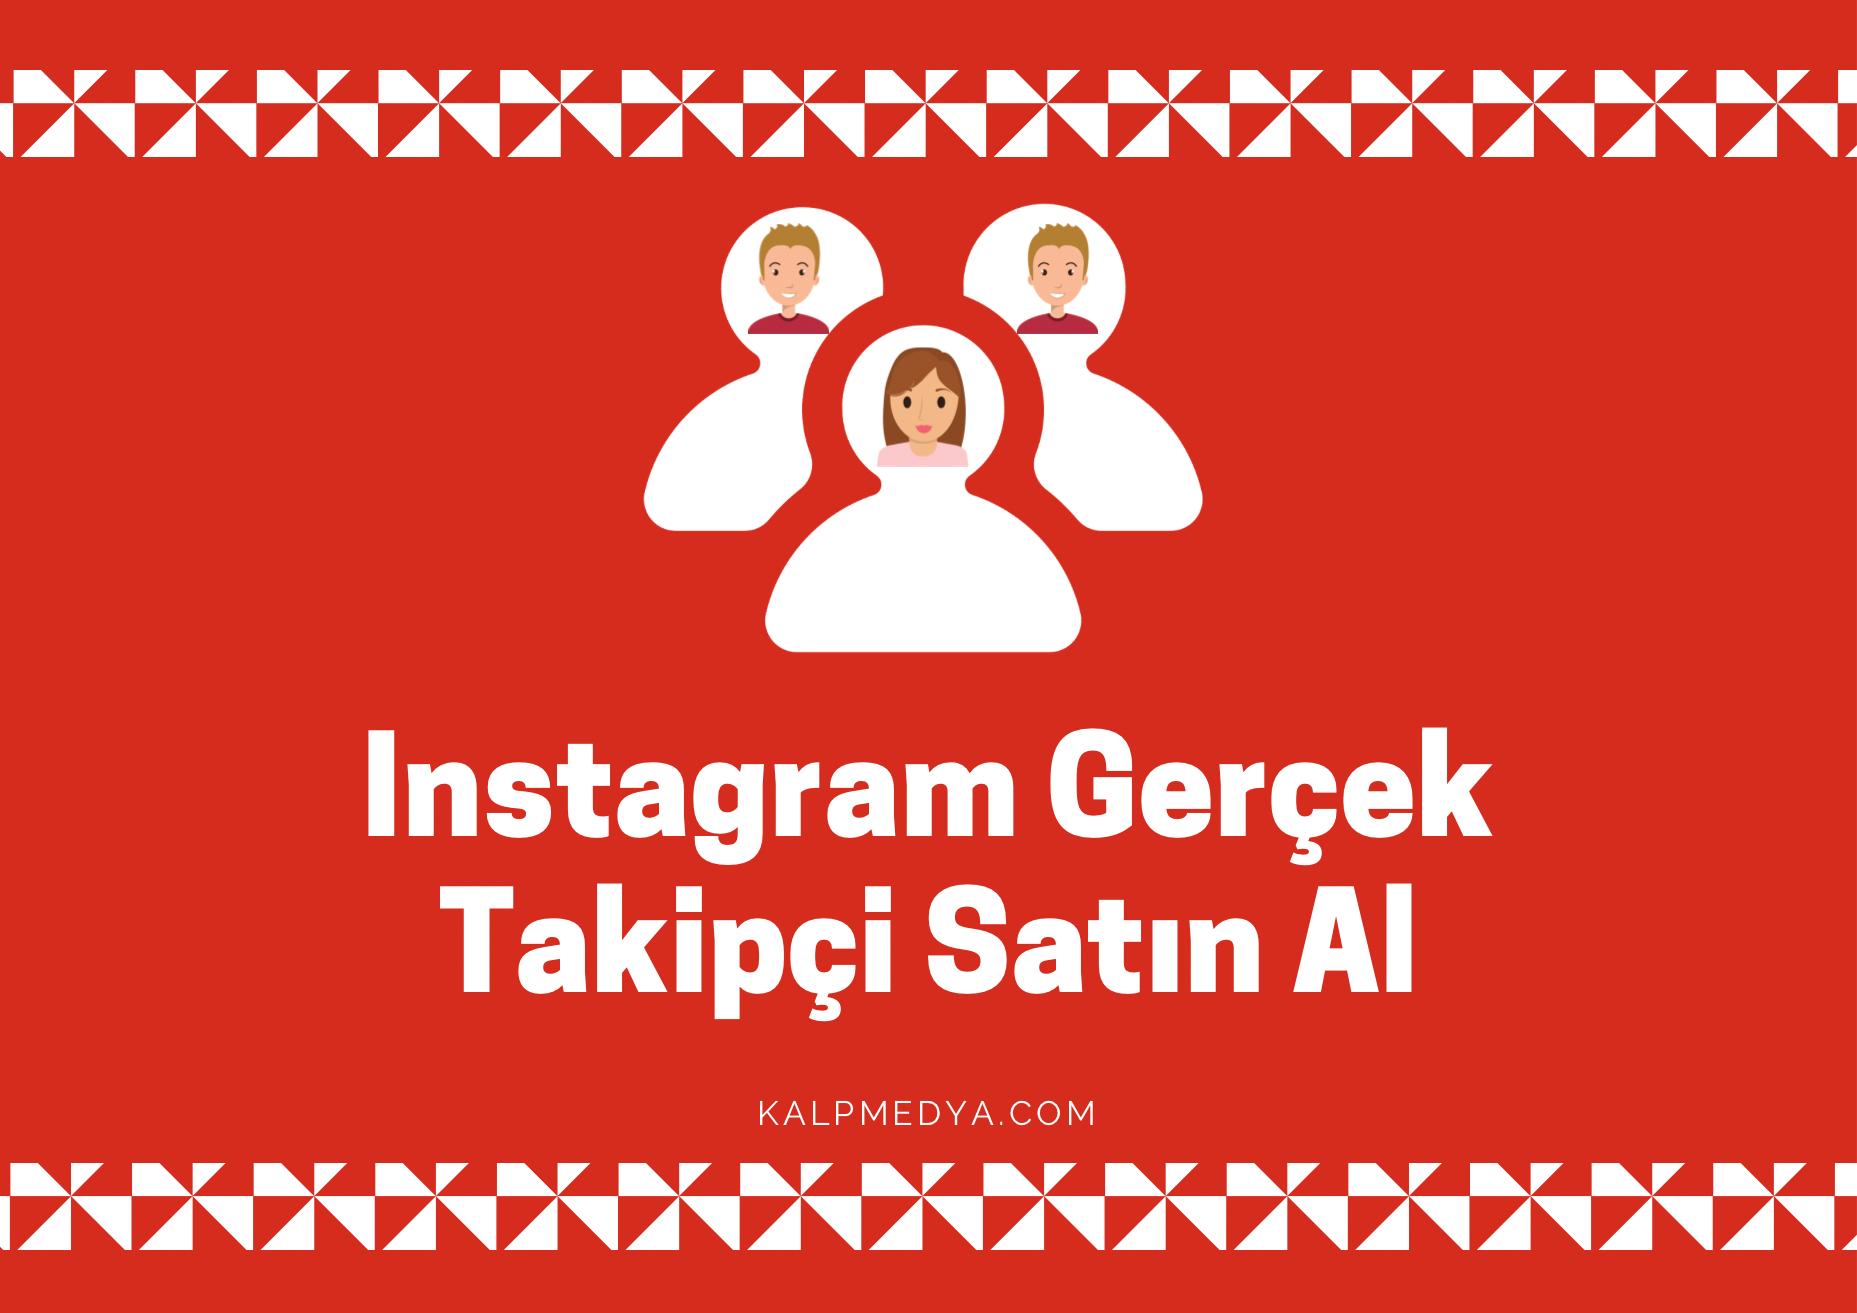 instagram türk takipçi satın al görseli